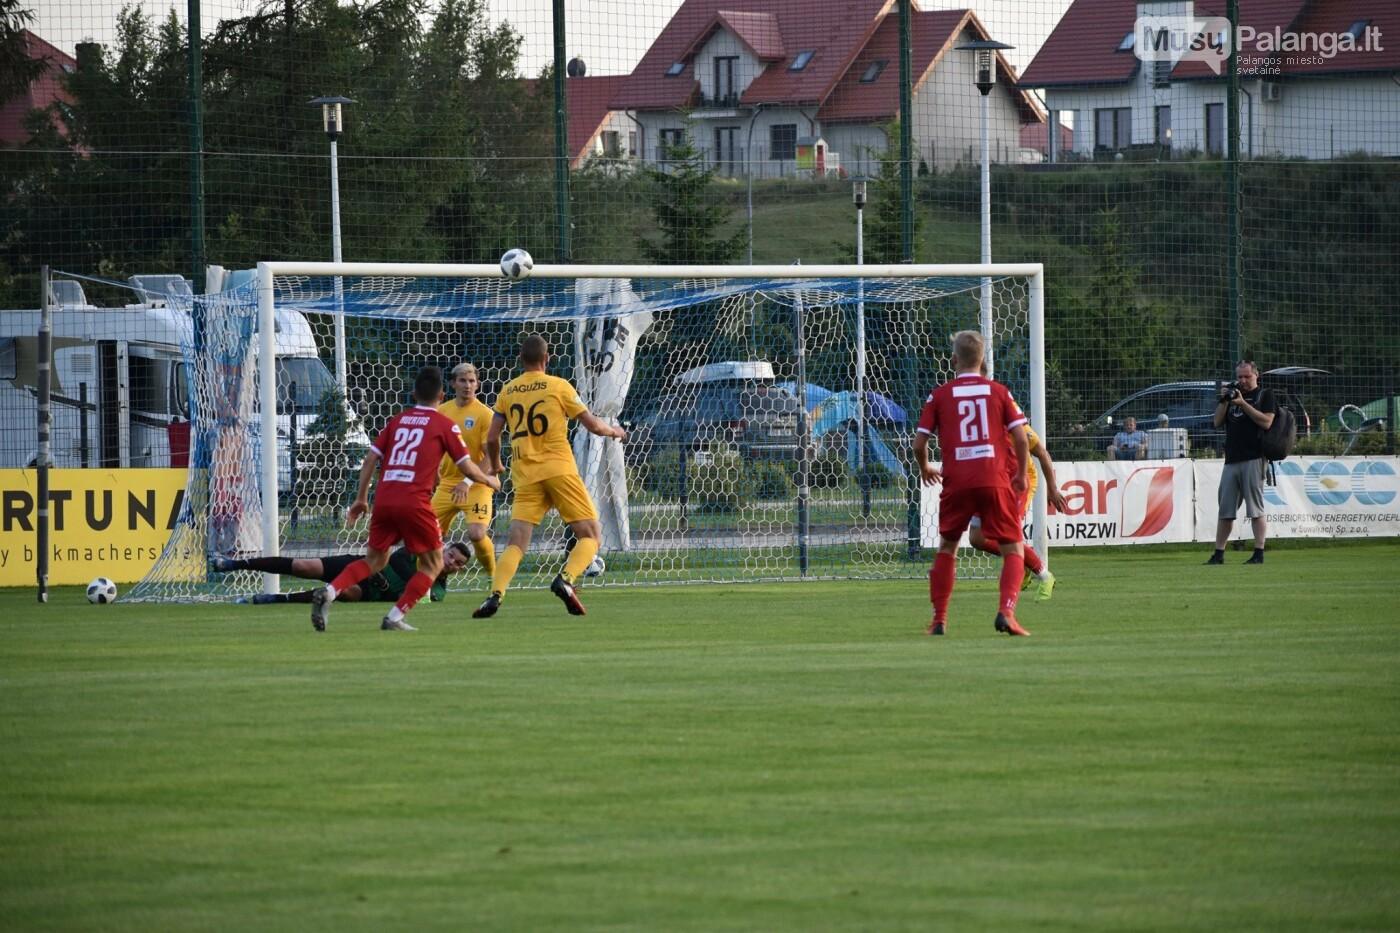 Kontrolinėse rungtynėse Lenkijoje – būrys peržiūroje dalyvaujančių futbolininkų bei naujas treneris, nuotrauka-16